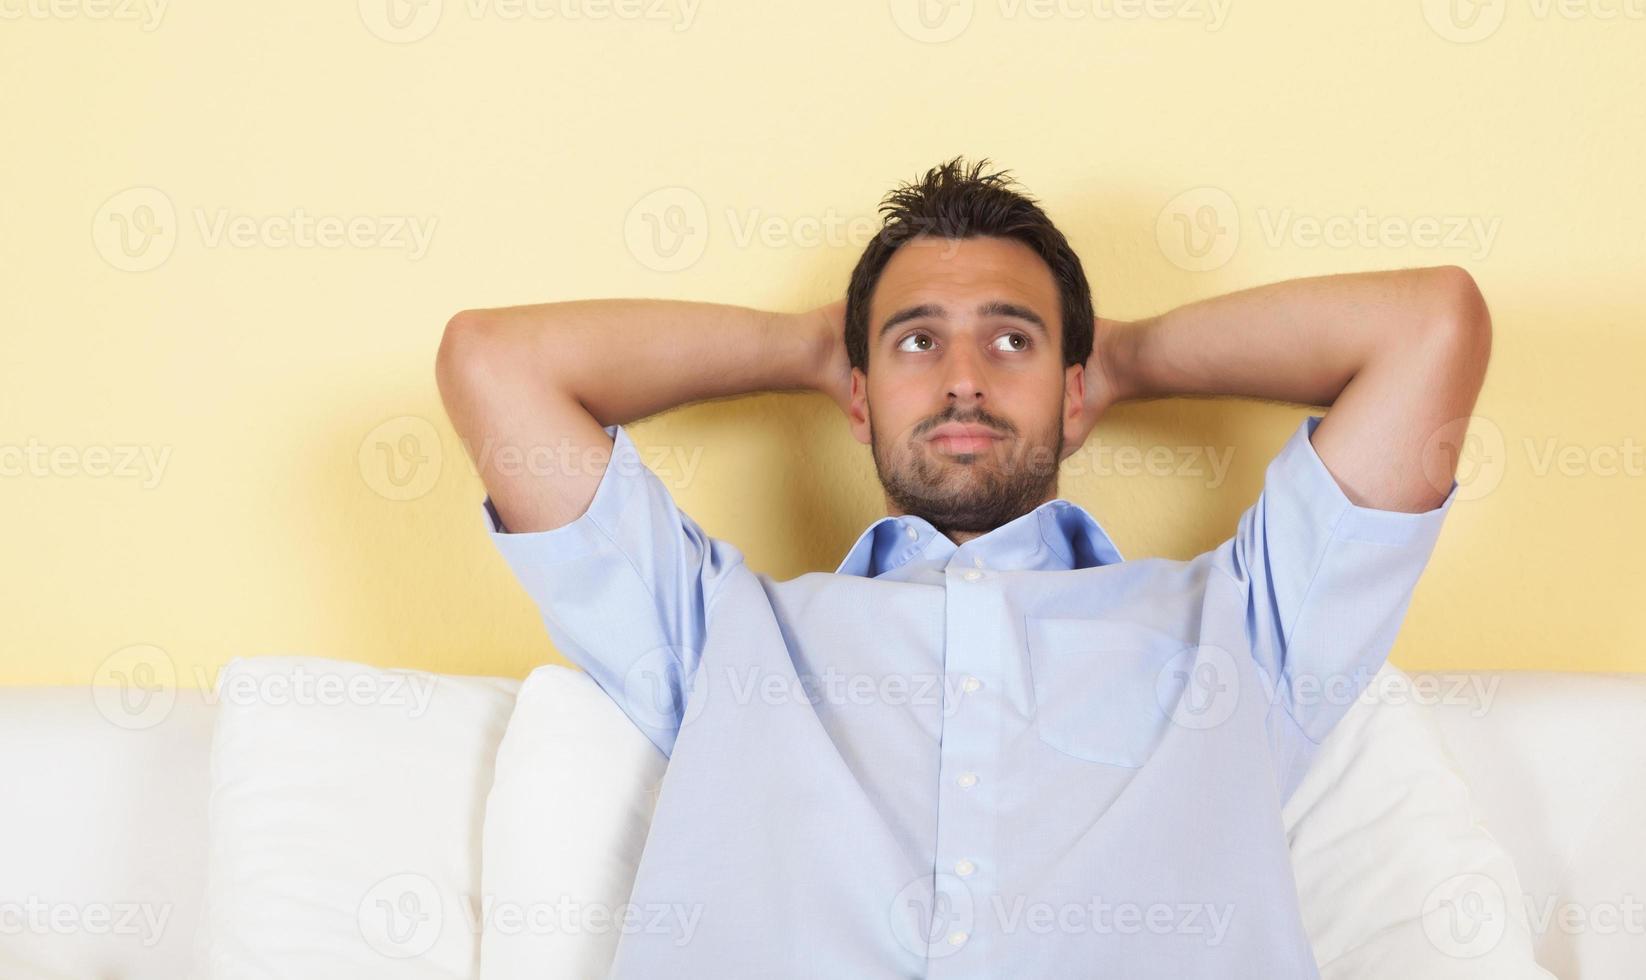 homme latin réfléchi sur un canapé photo